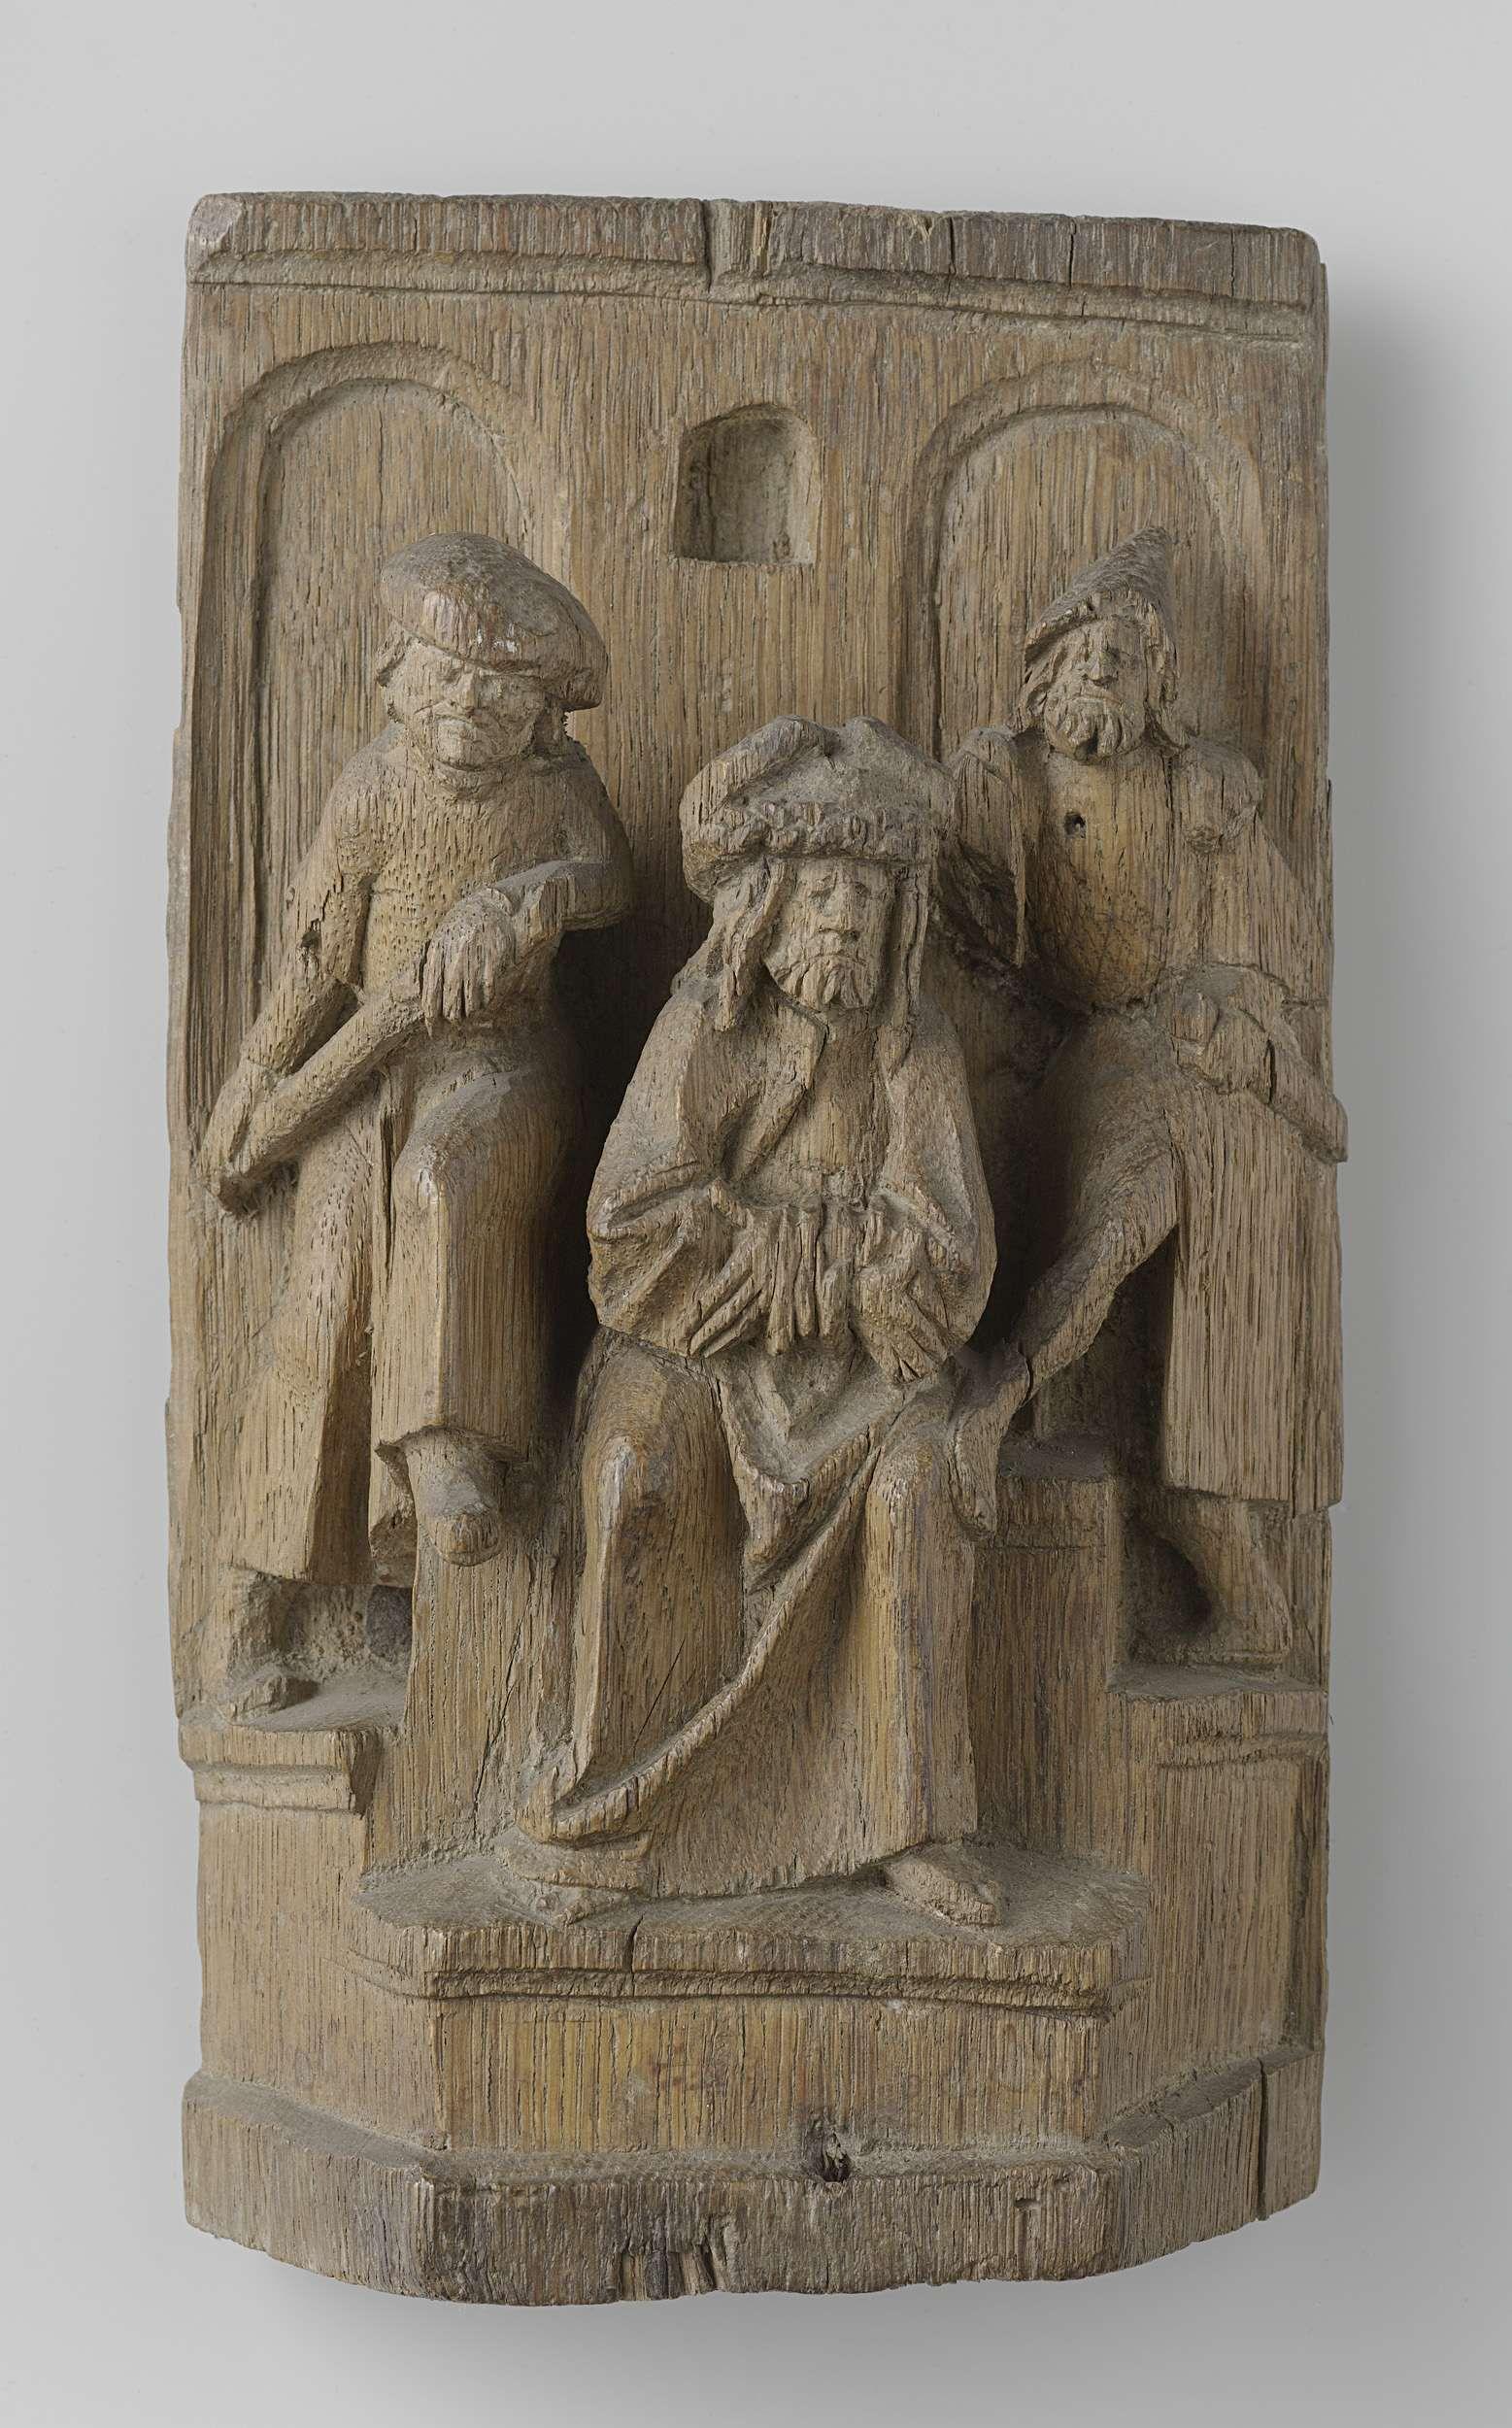 | Doornenkroning, c. 1515 - c. 1520 |